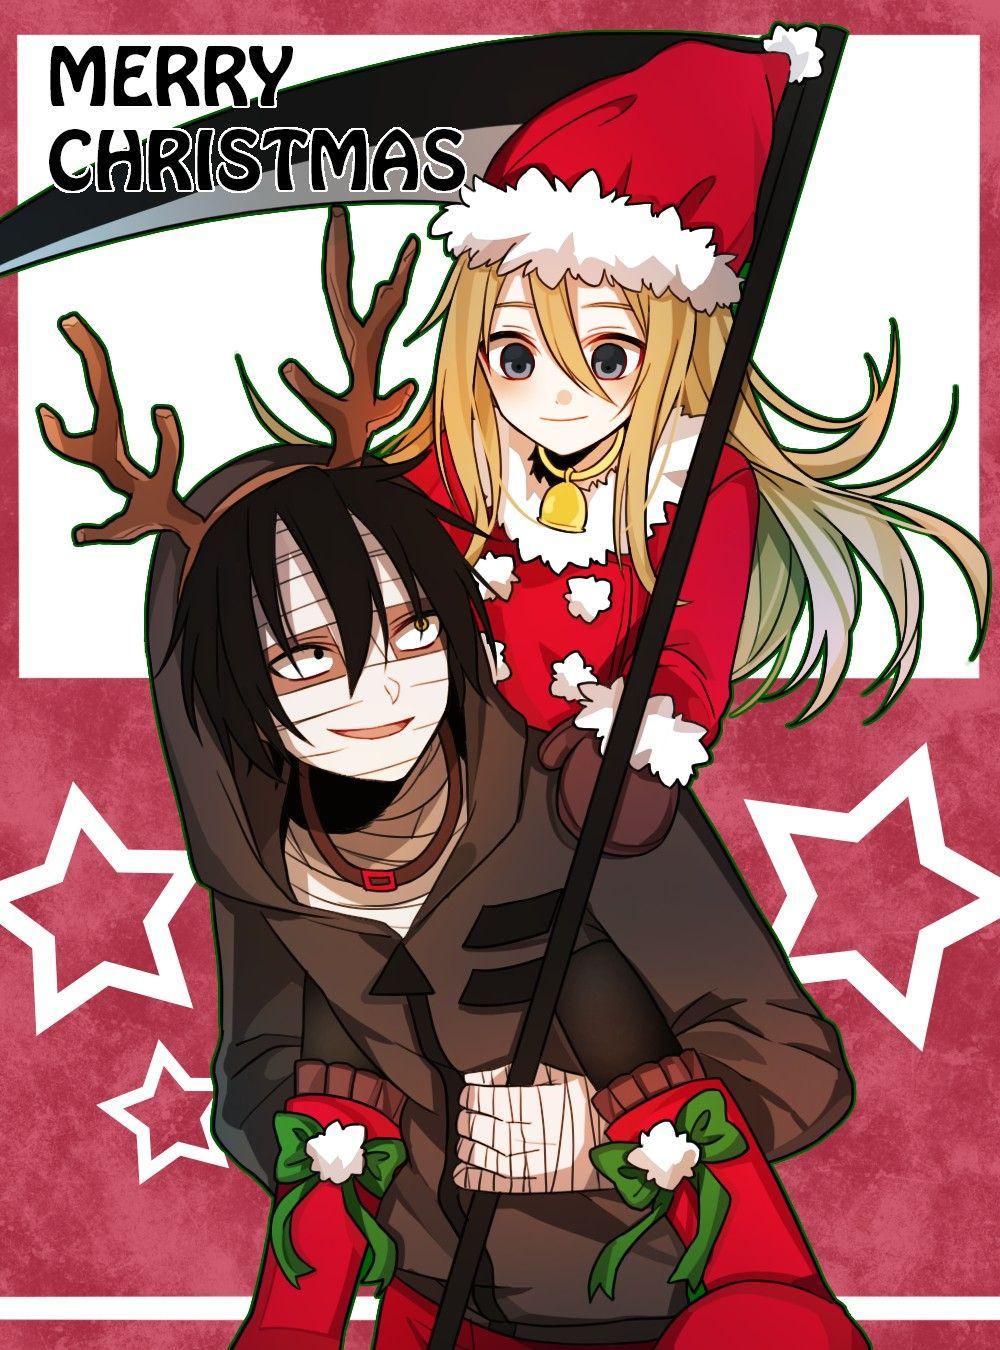 Merry Christmas Anime christmas, Anime angel